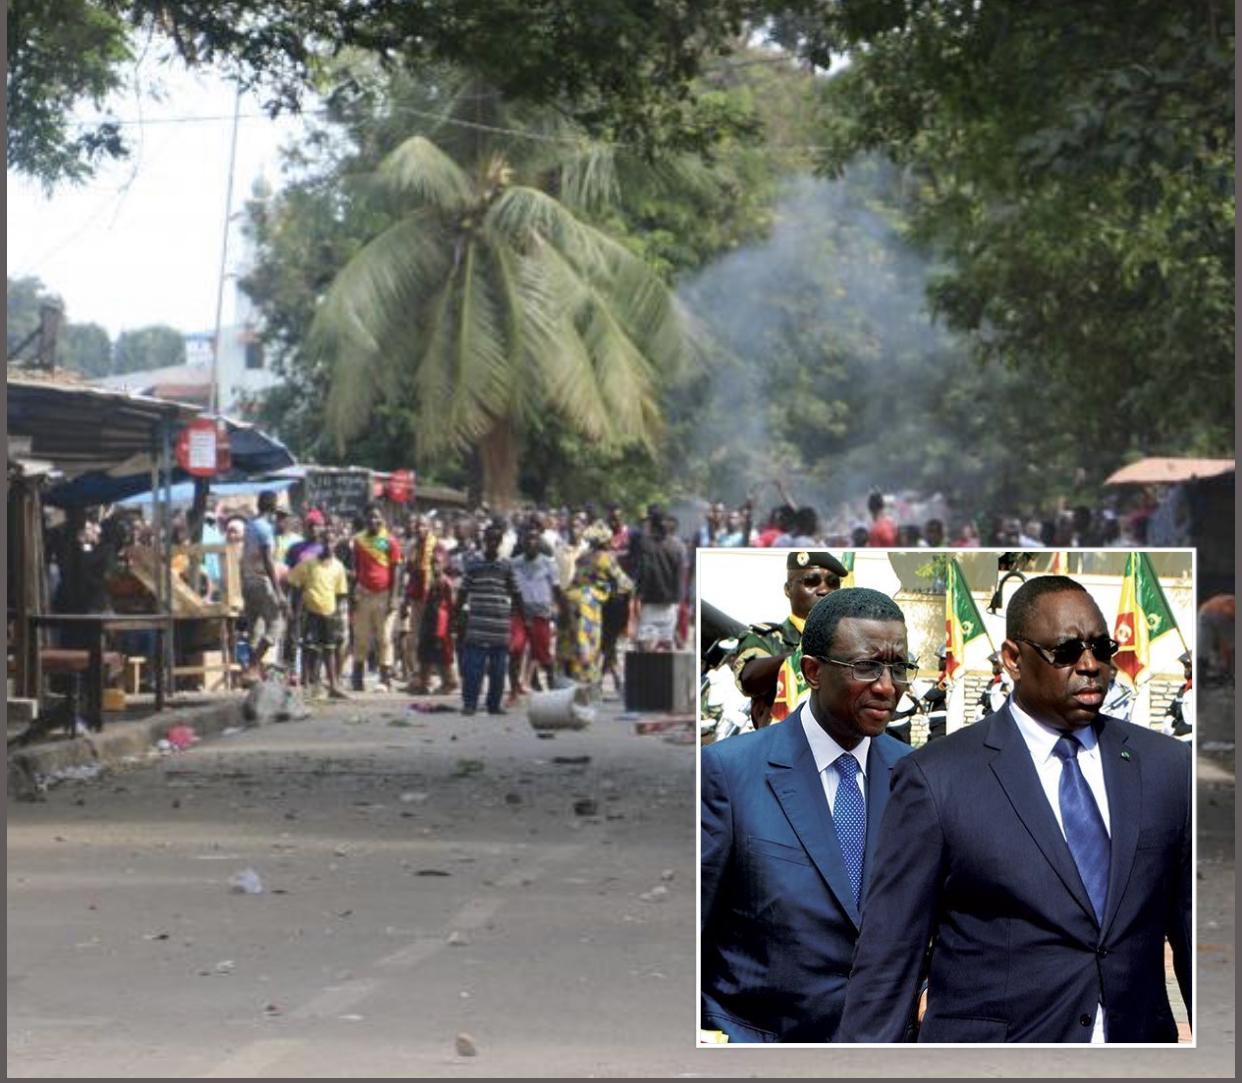 Guinée Conakry : Les 48 sénégalais arrêtés pour «présence suspecte» viennent d'être libérés.